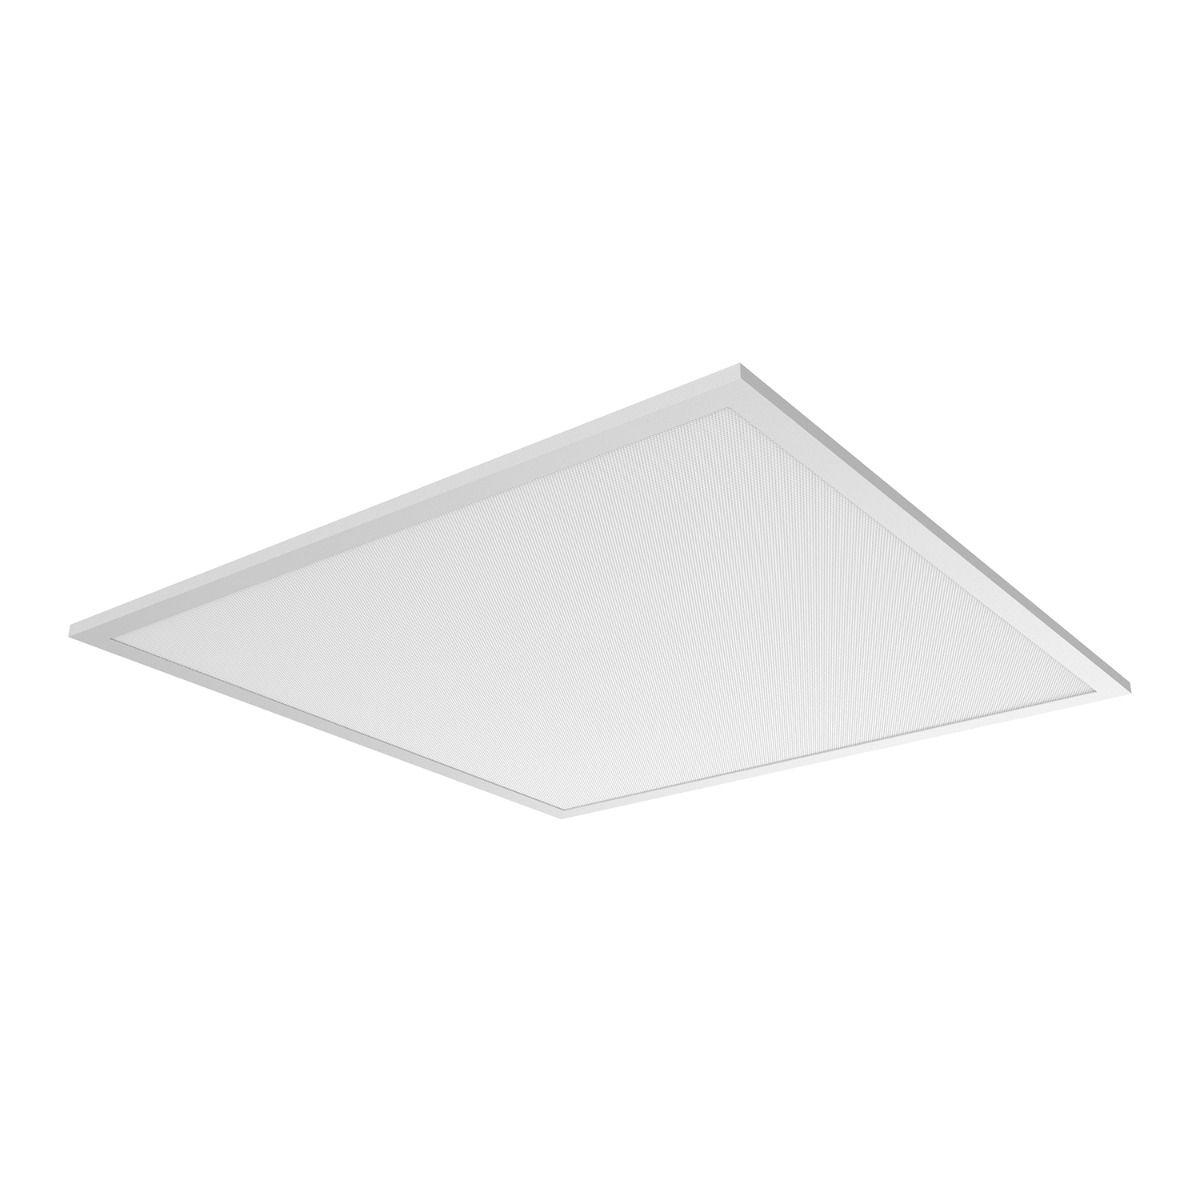 Noxion LED Paneeli Delta Pro V3 DALI 30W 3000K 3960lm 60x60cm UGR <22 | Lämmin Valkoinen - Korvaa 4x18W